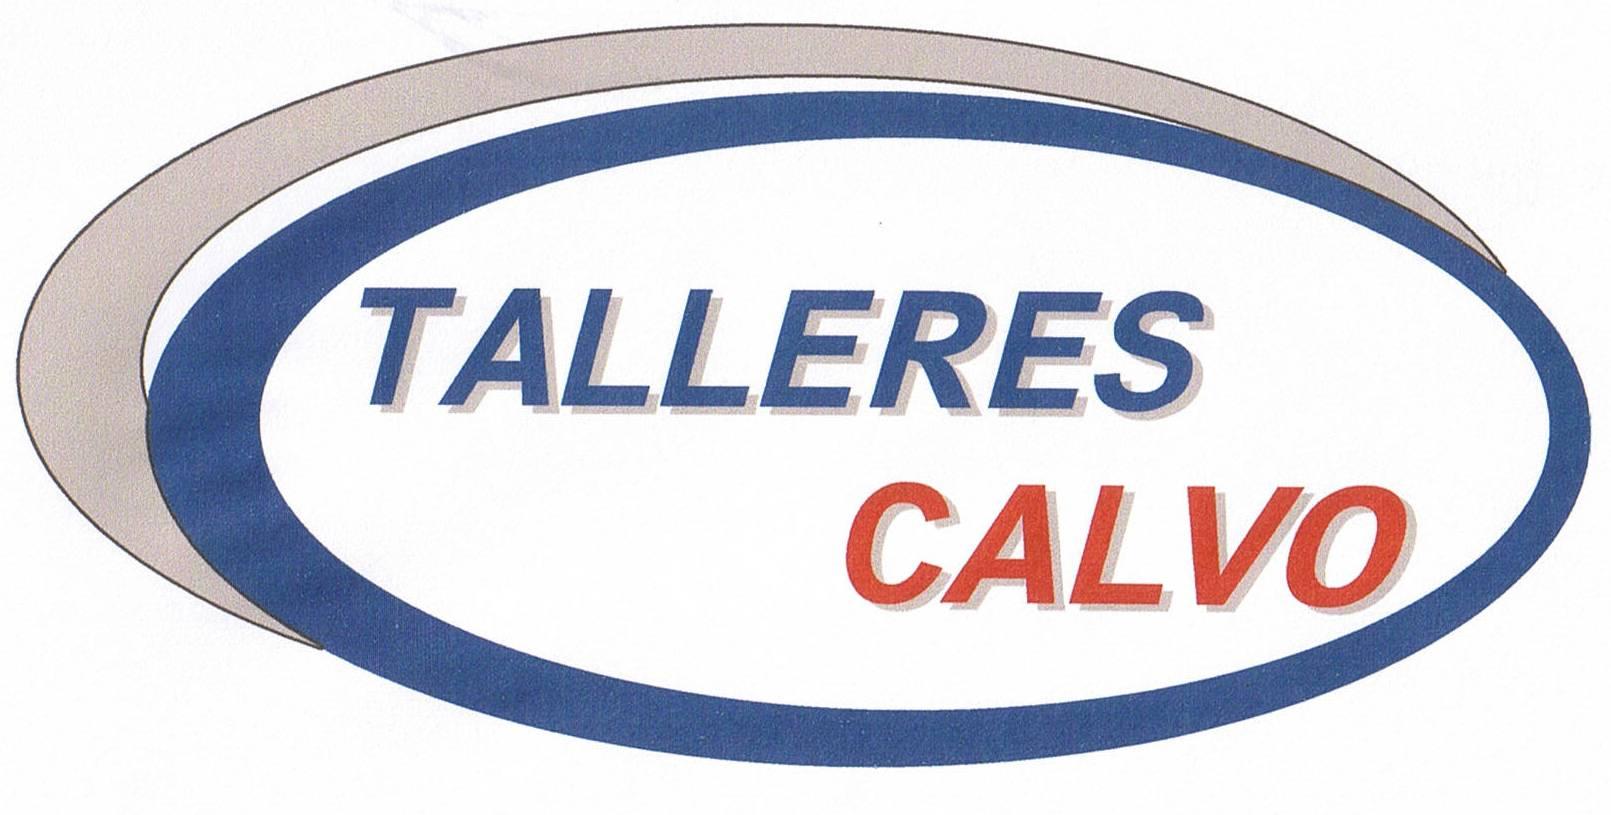 Talleres Calvo